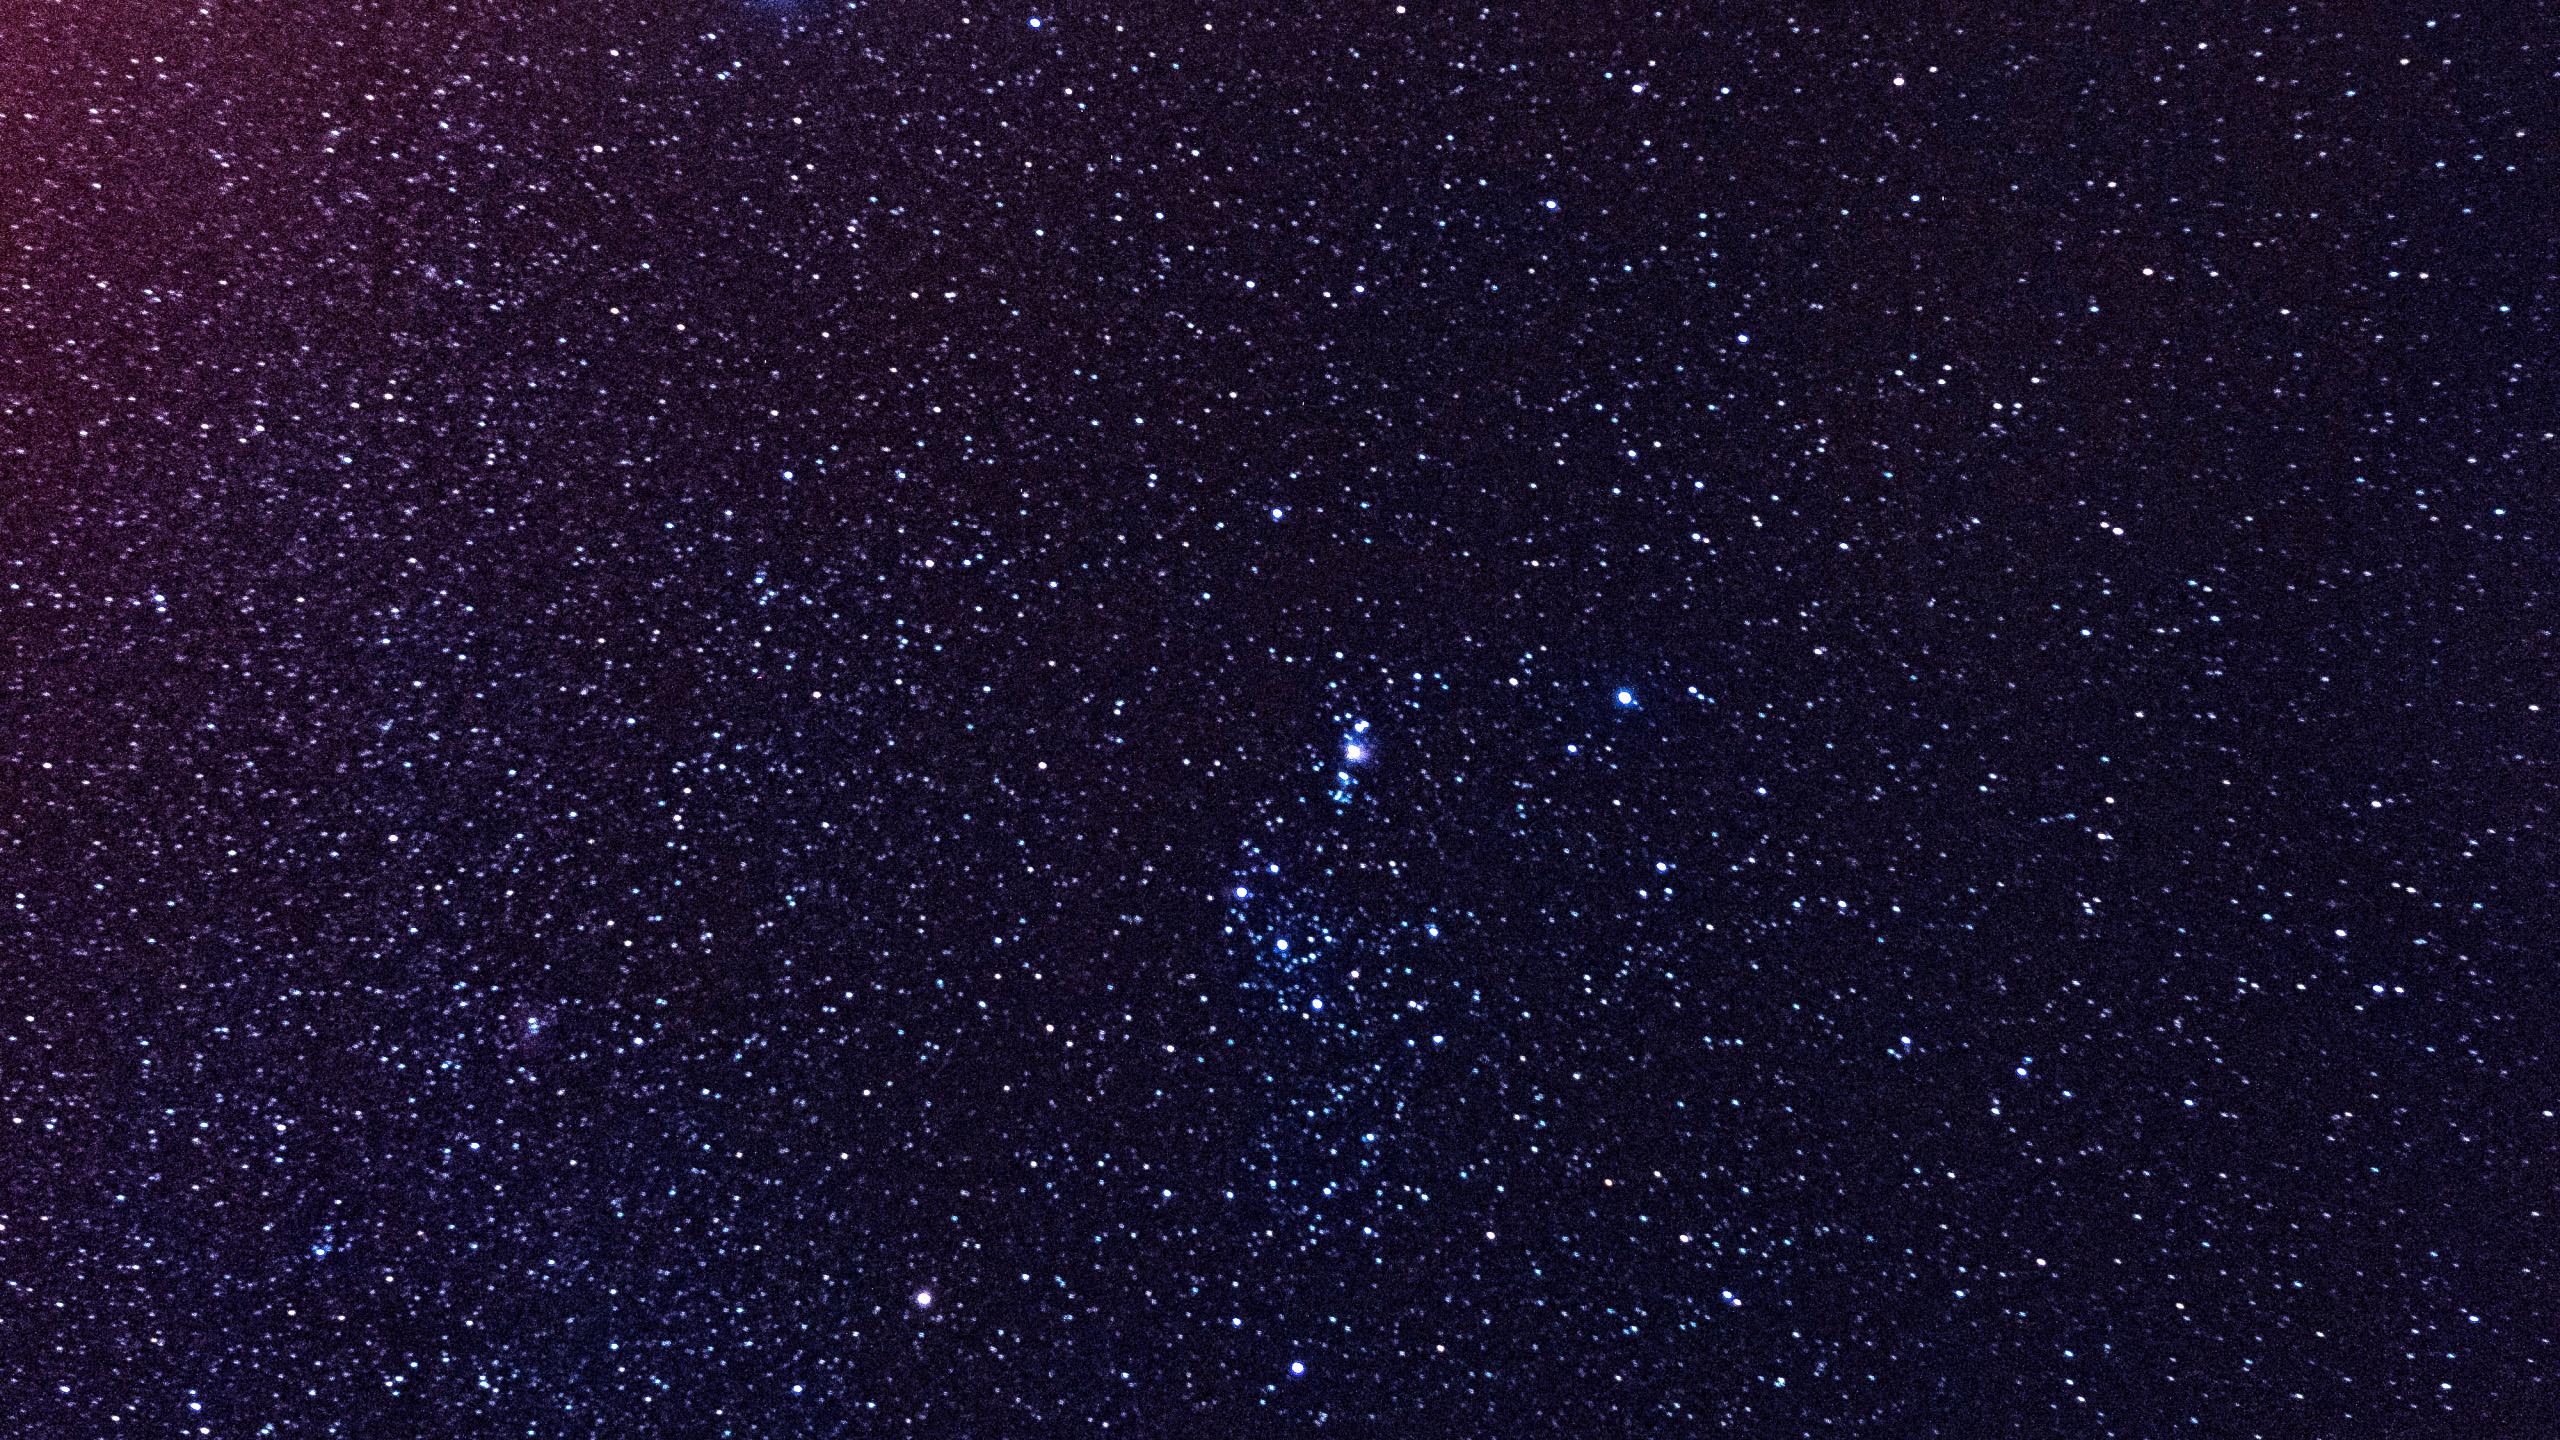 HDoboi.Kiev.ua - Звездное небо, обои космос на айфон 6, галактика, hd заставки